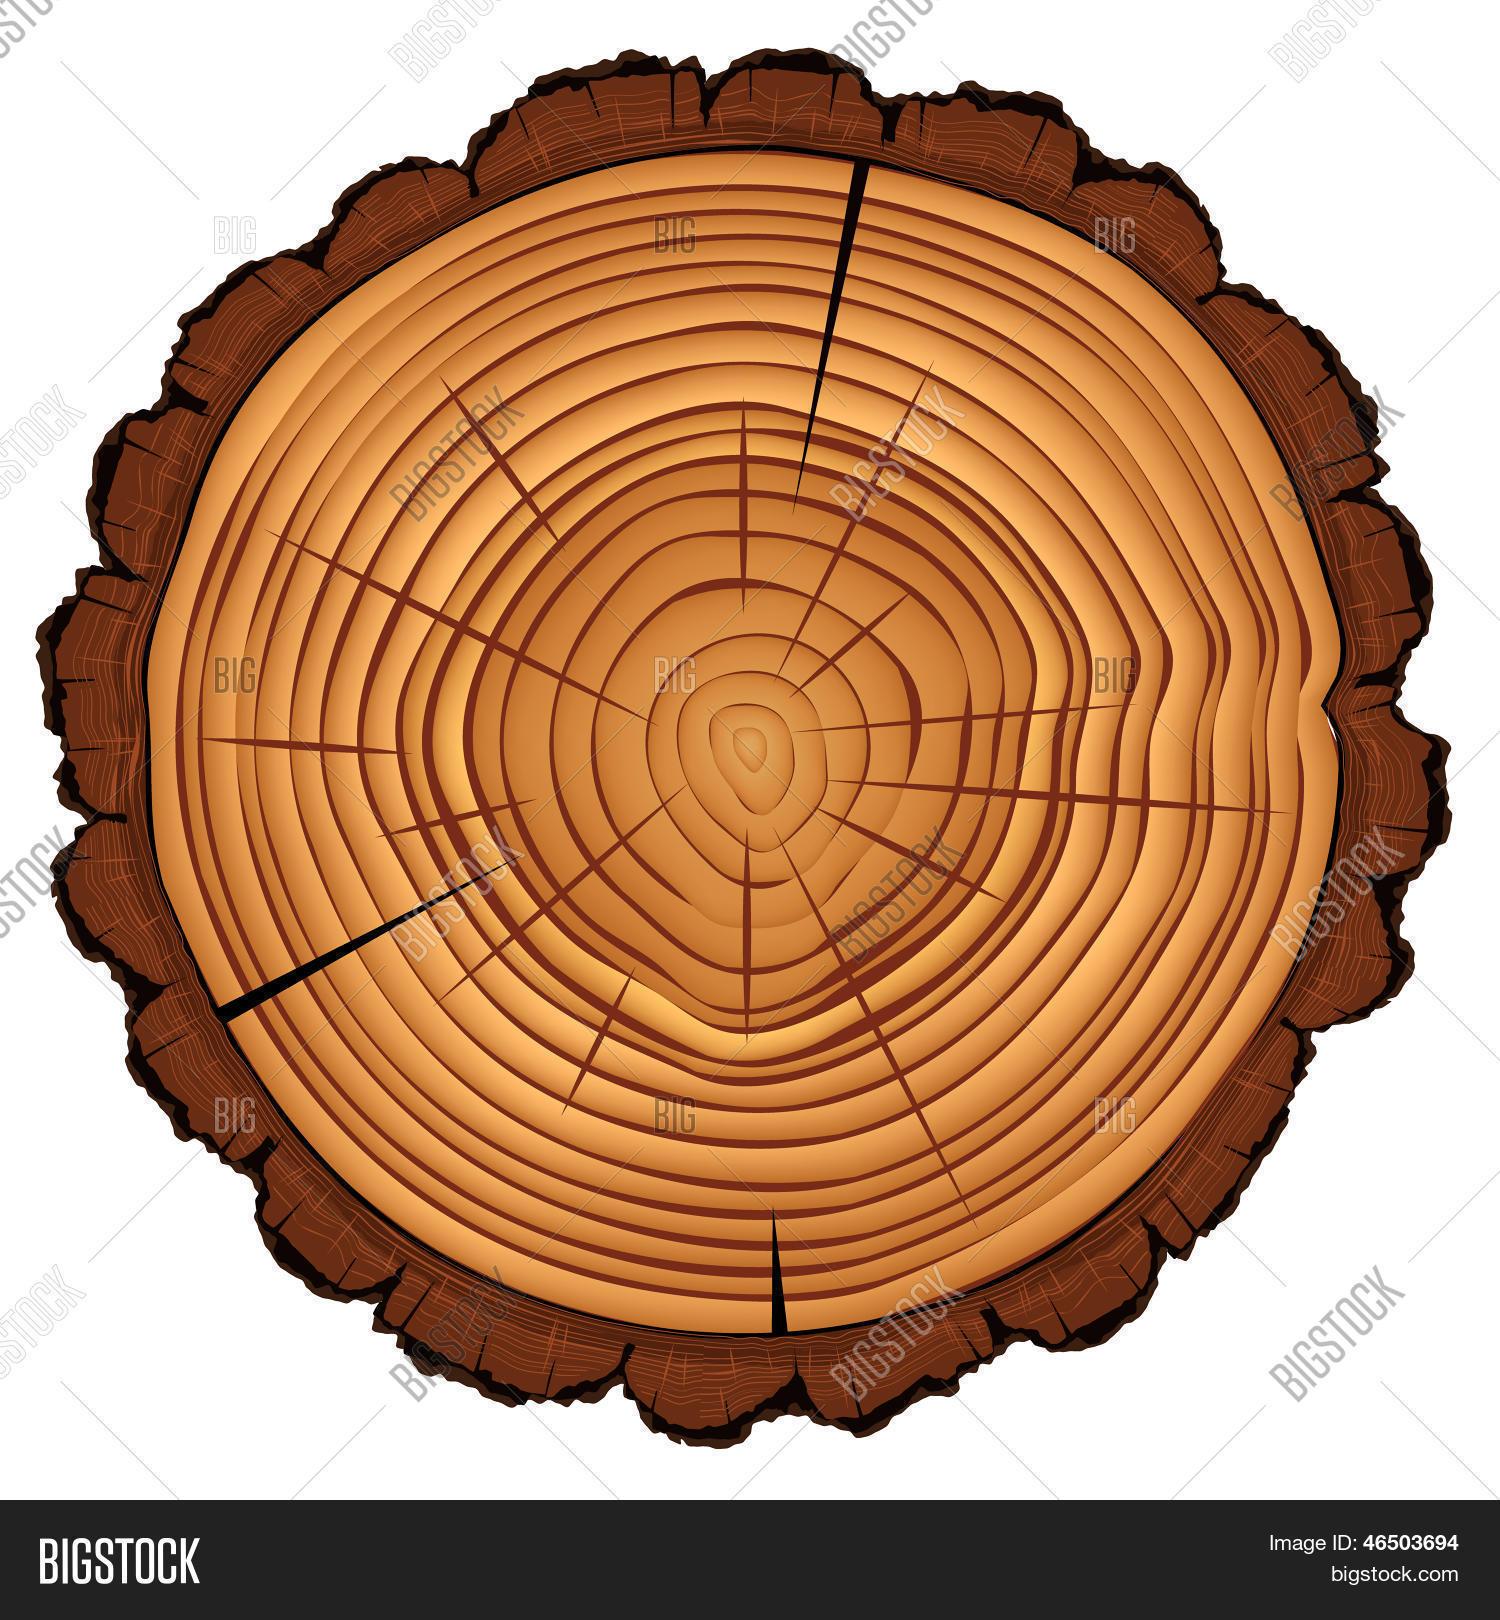 Image vectorielle et photo de essai gratuit bigstock - Coupe transversale d un tronc d arbre ...